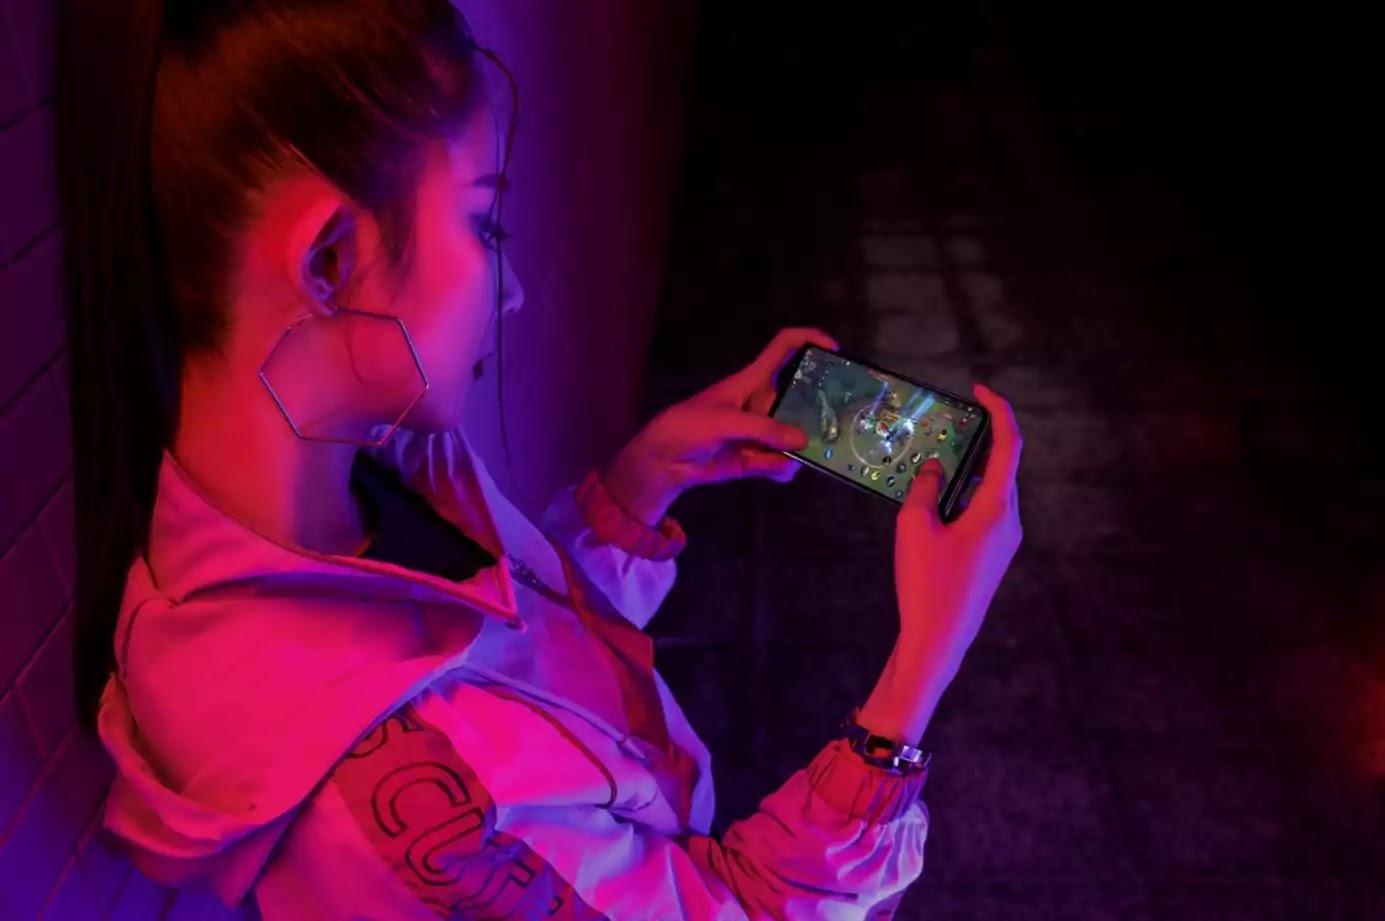 ROG Phone 5 Gameplay